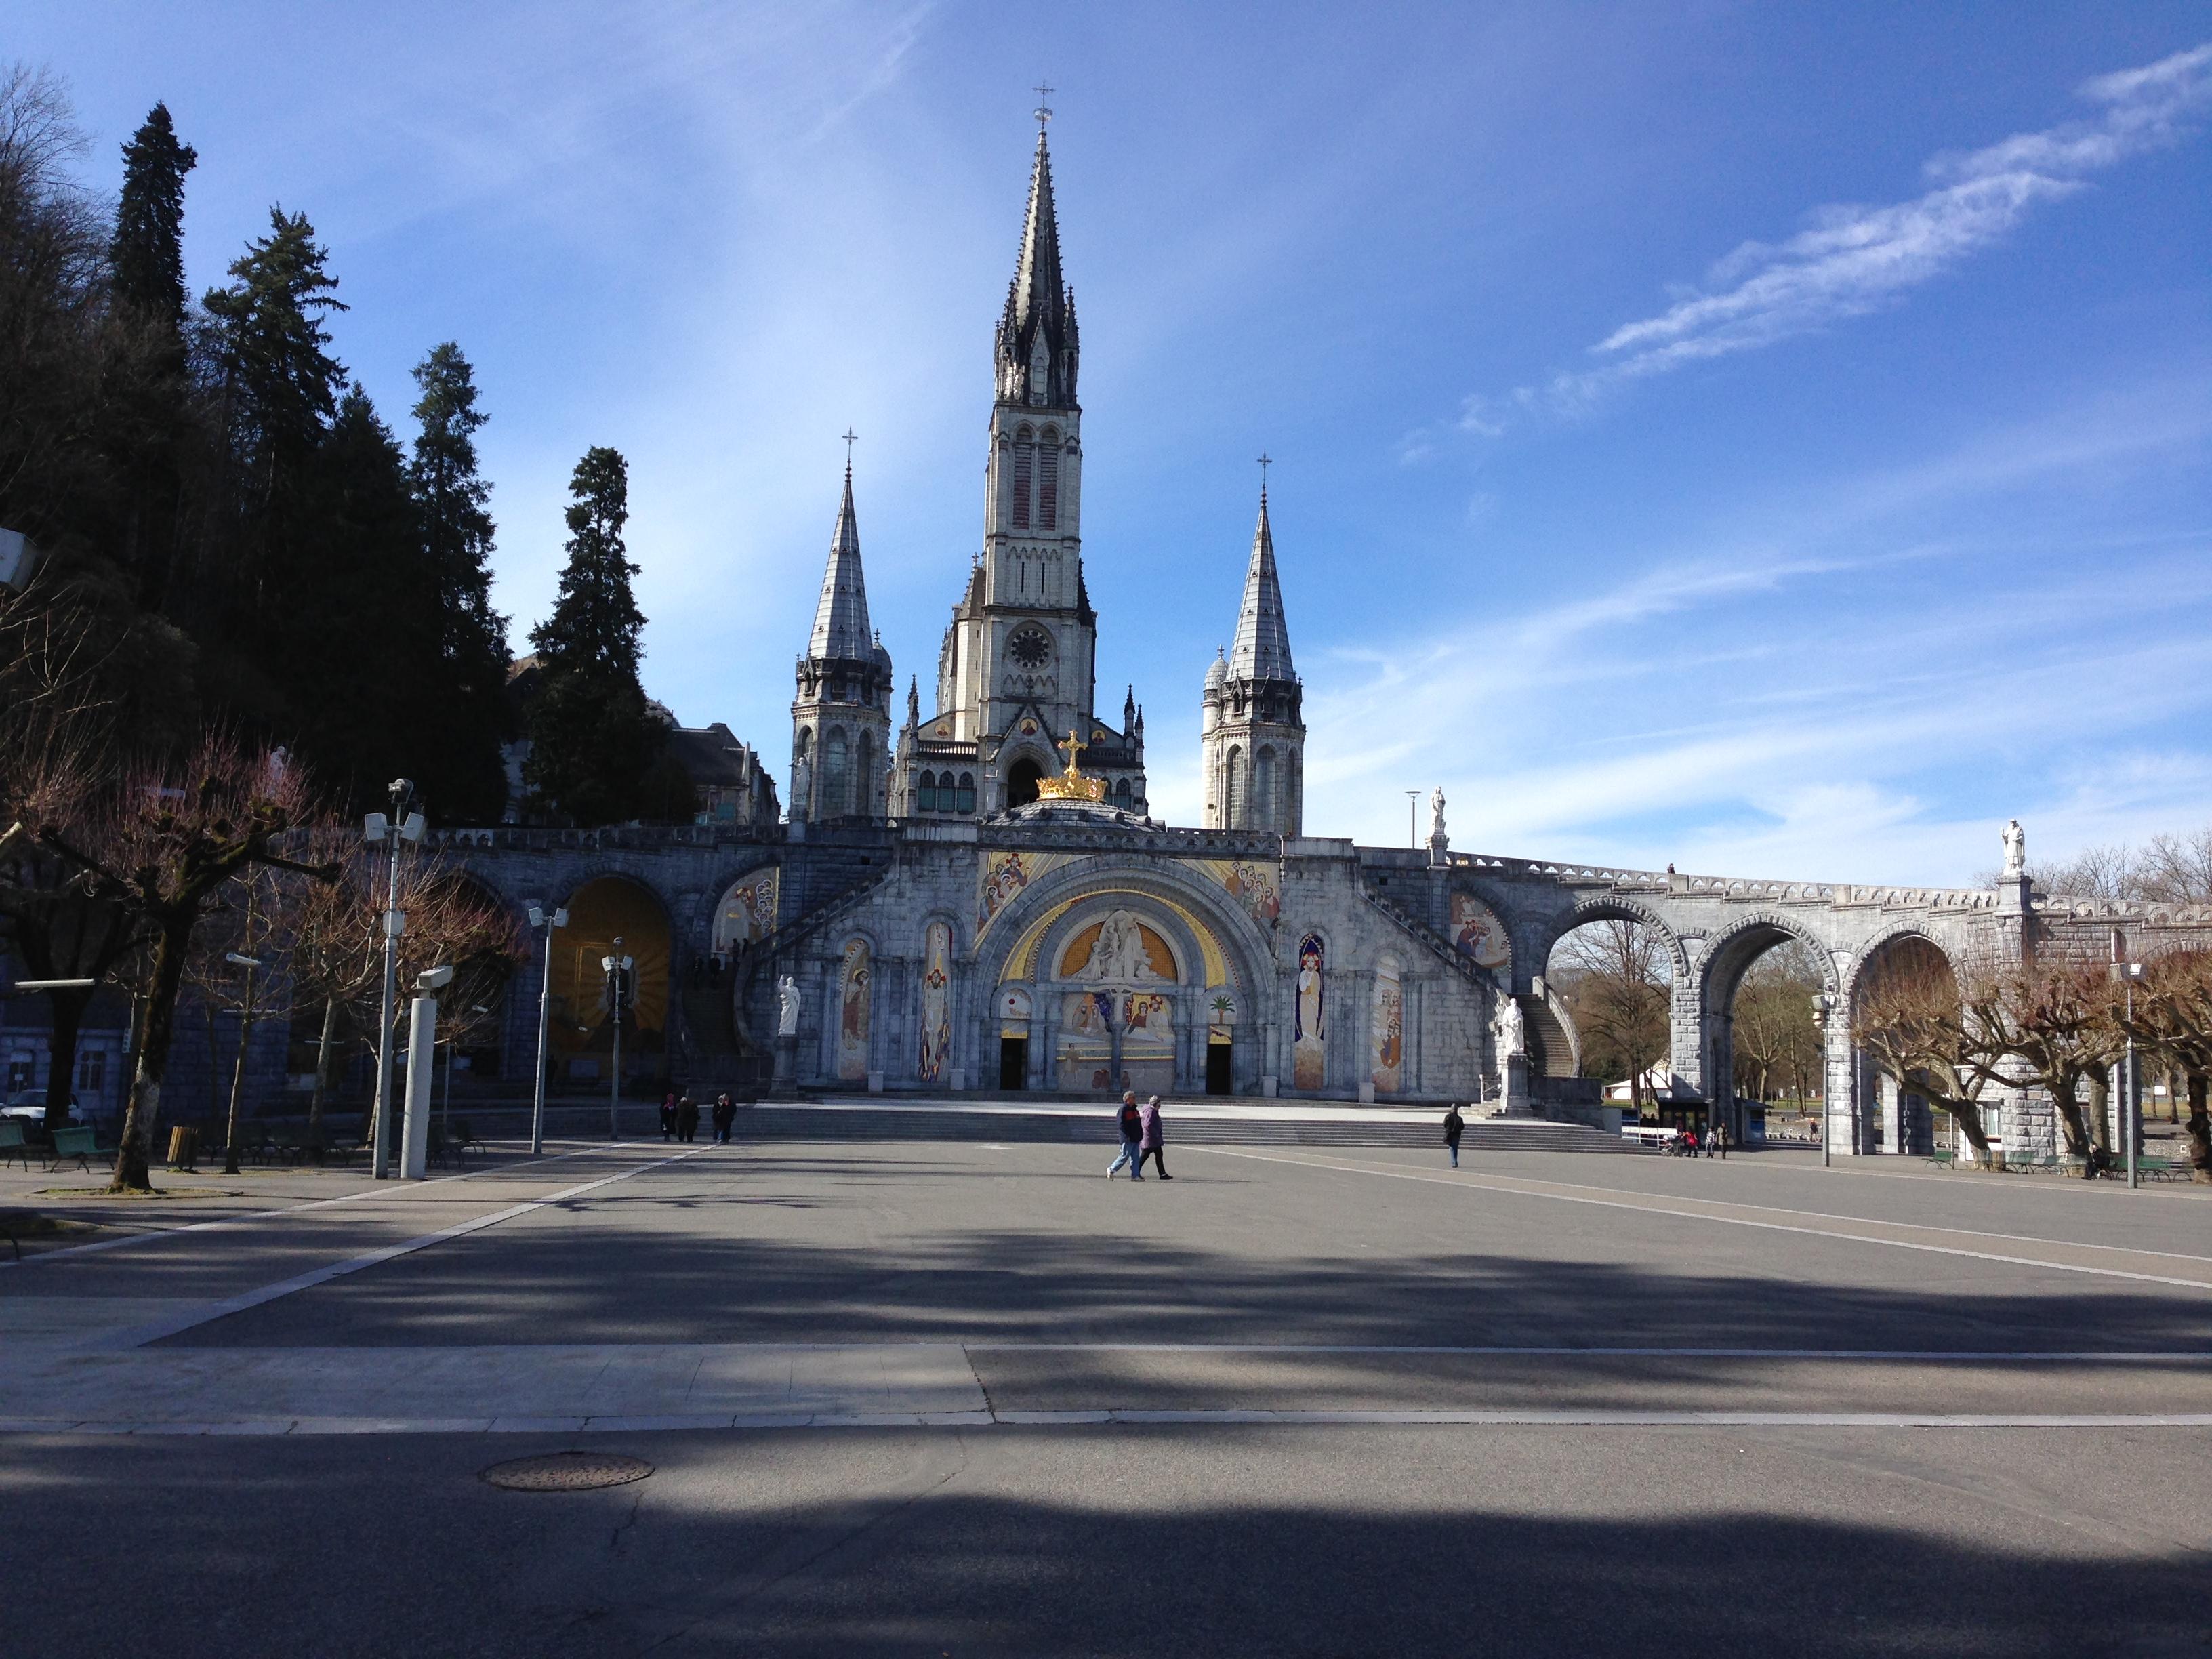 【フランス】カトリックの聖地ルルドに行ってきたよ。